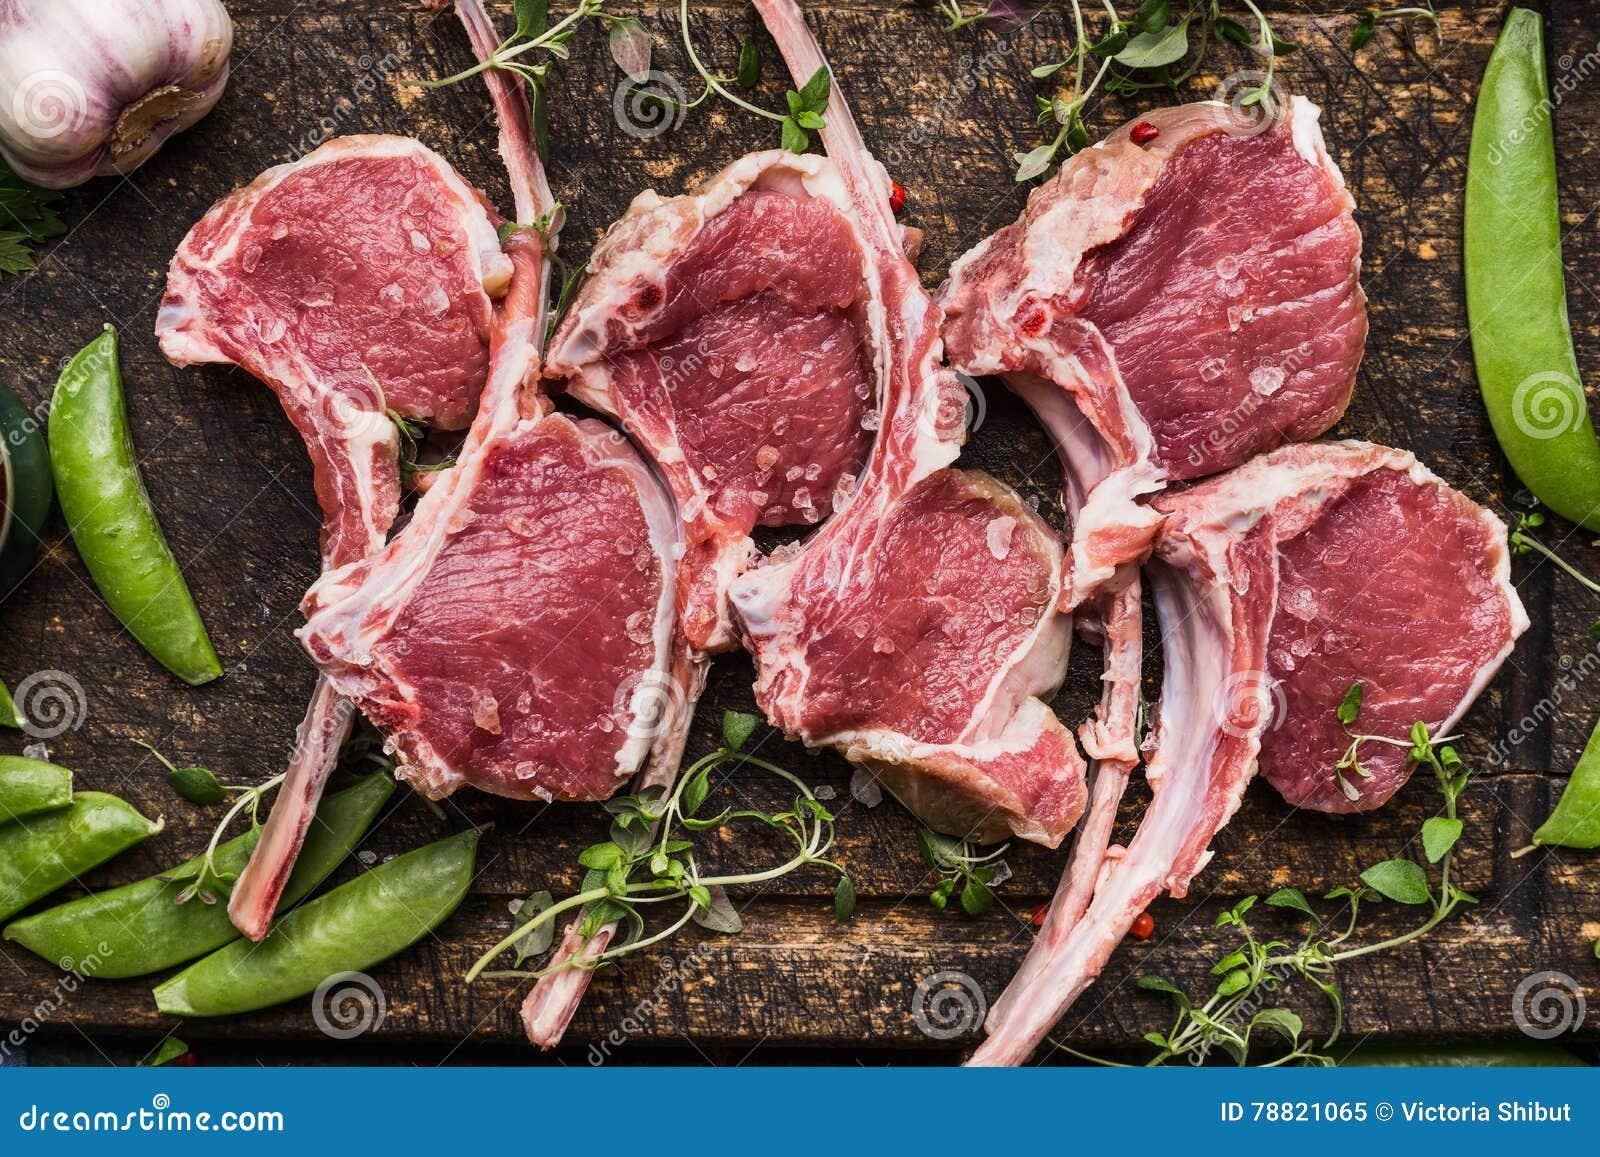 生肉放在架子上的羊羔和绿豆在黑暗的木背景,顶视图